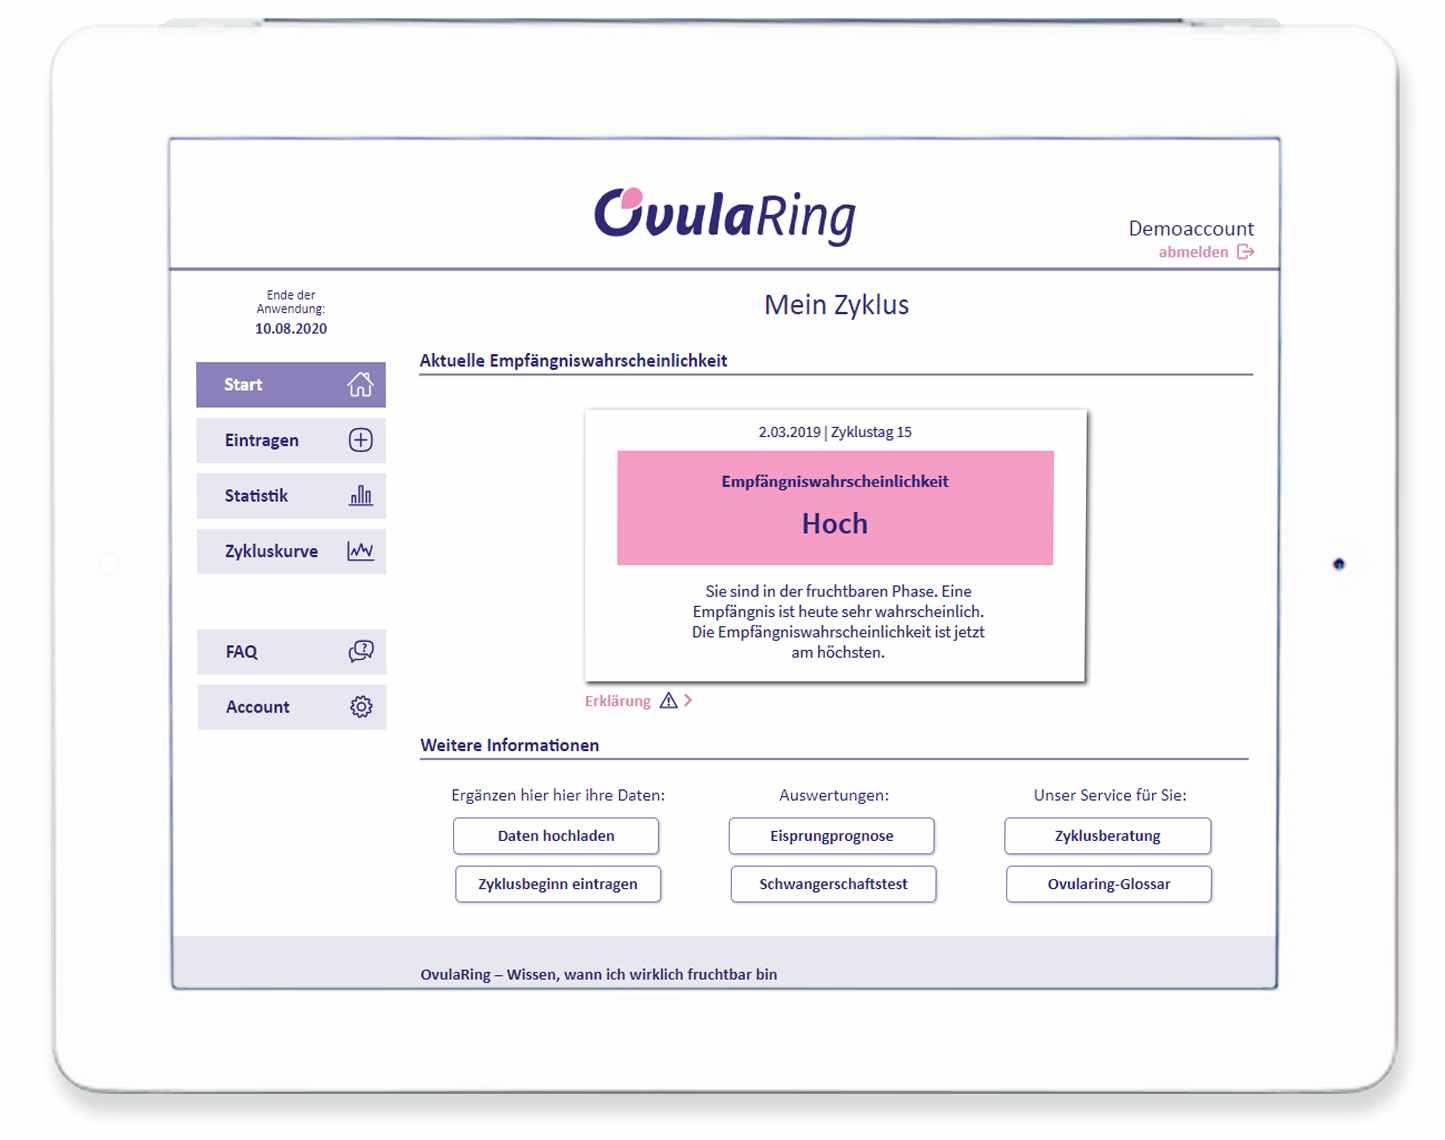 OvulaRing Empfängniswahrscheinlichkeit